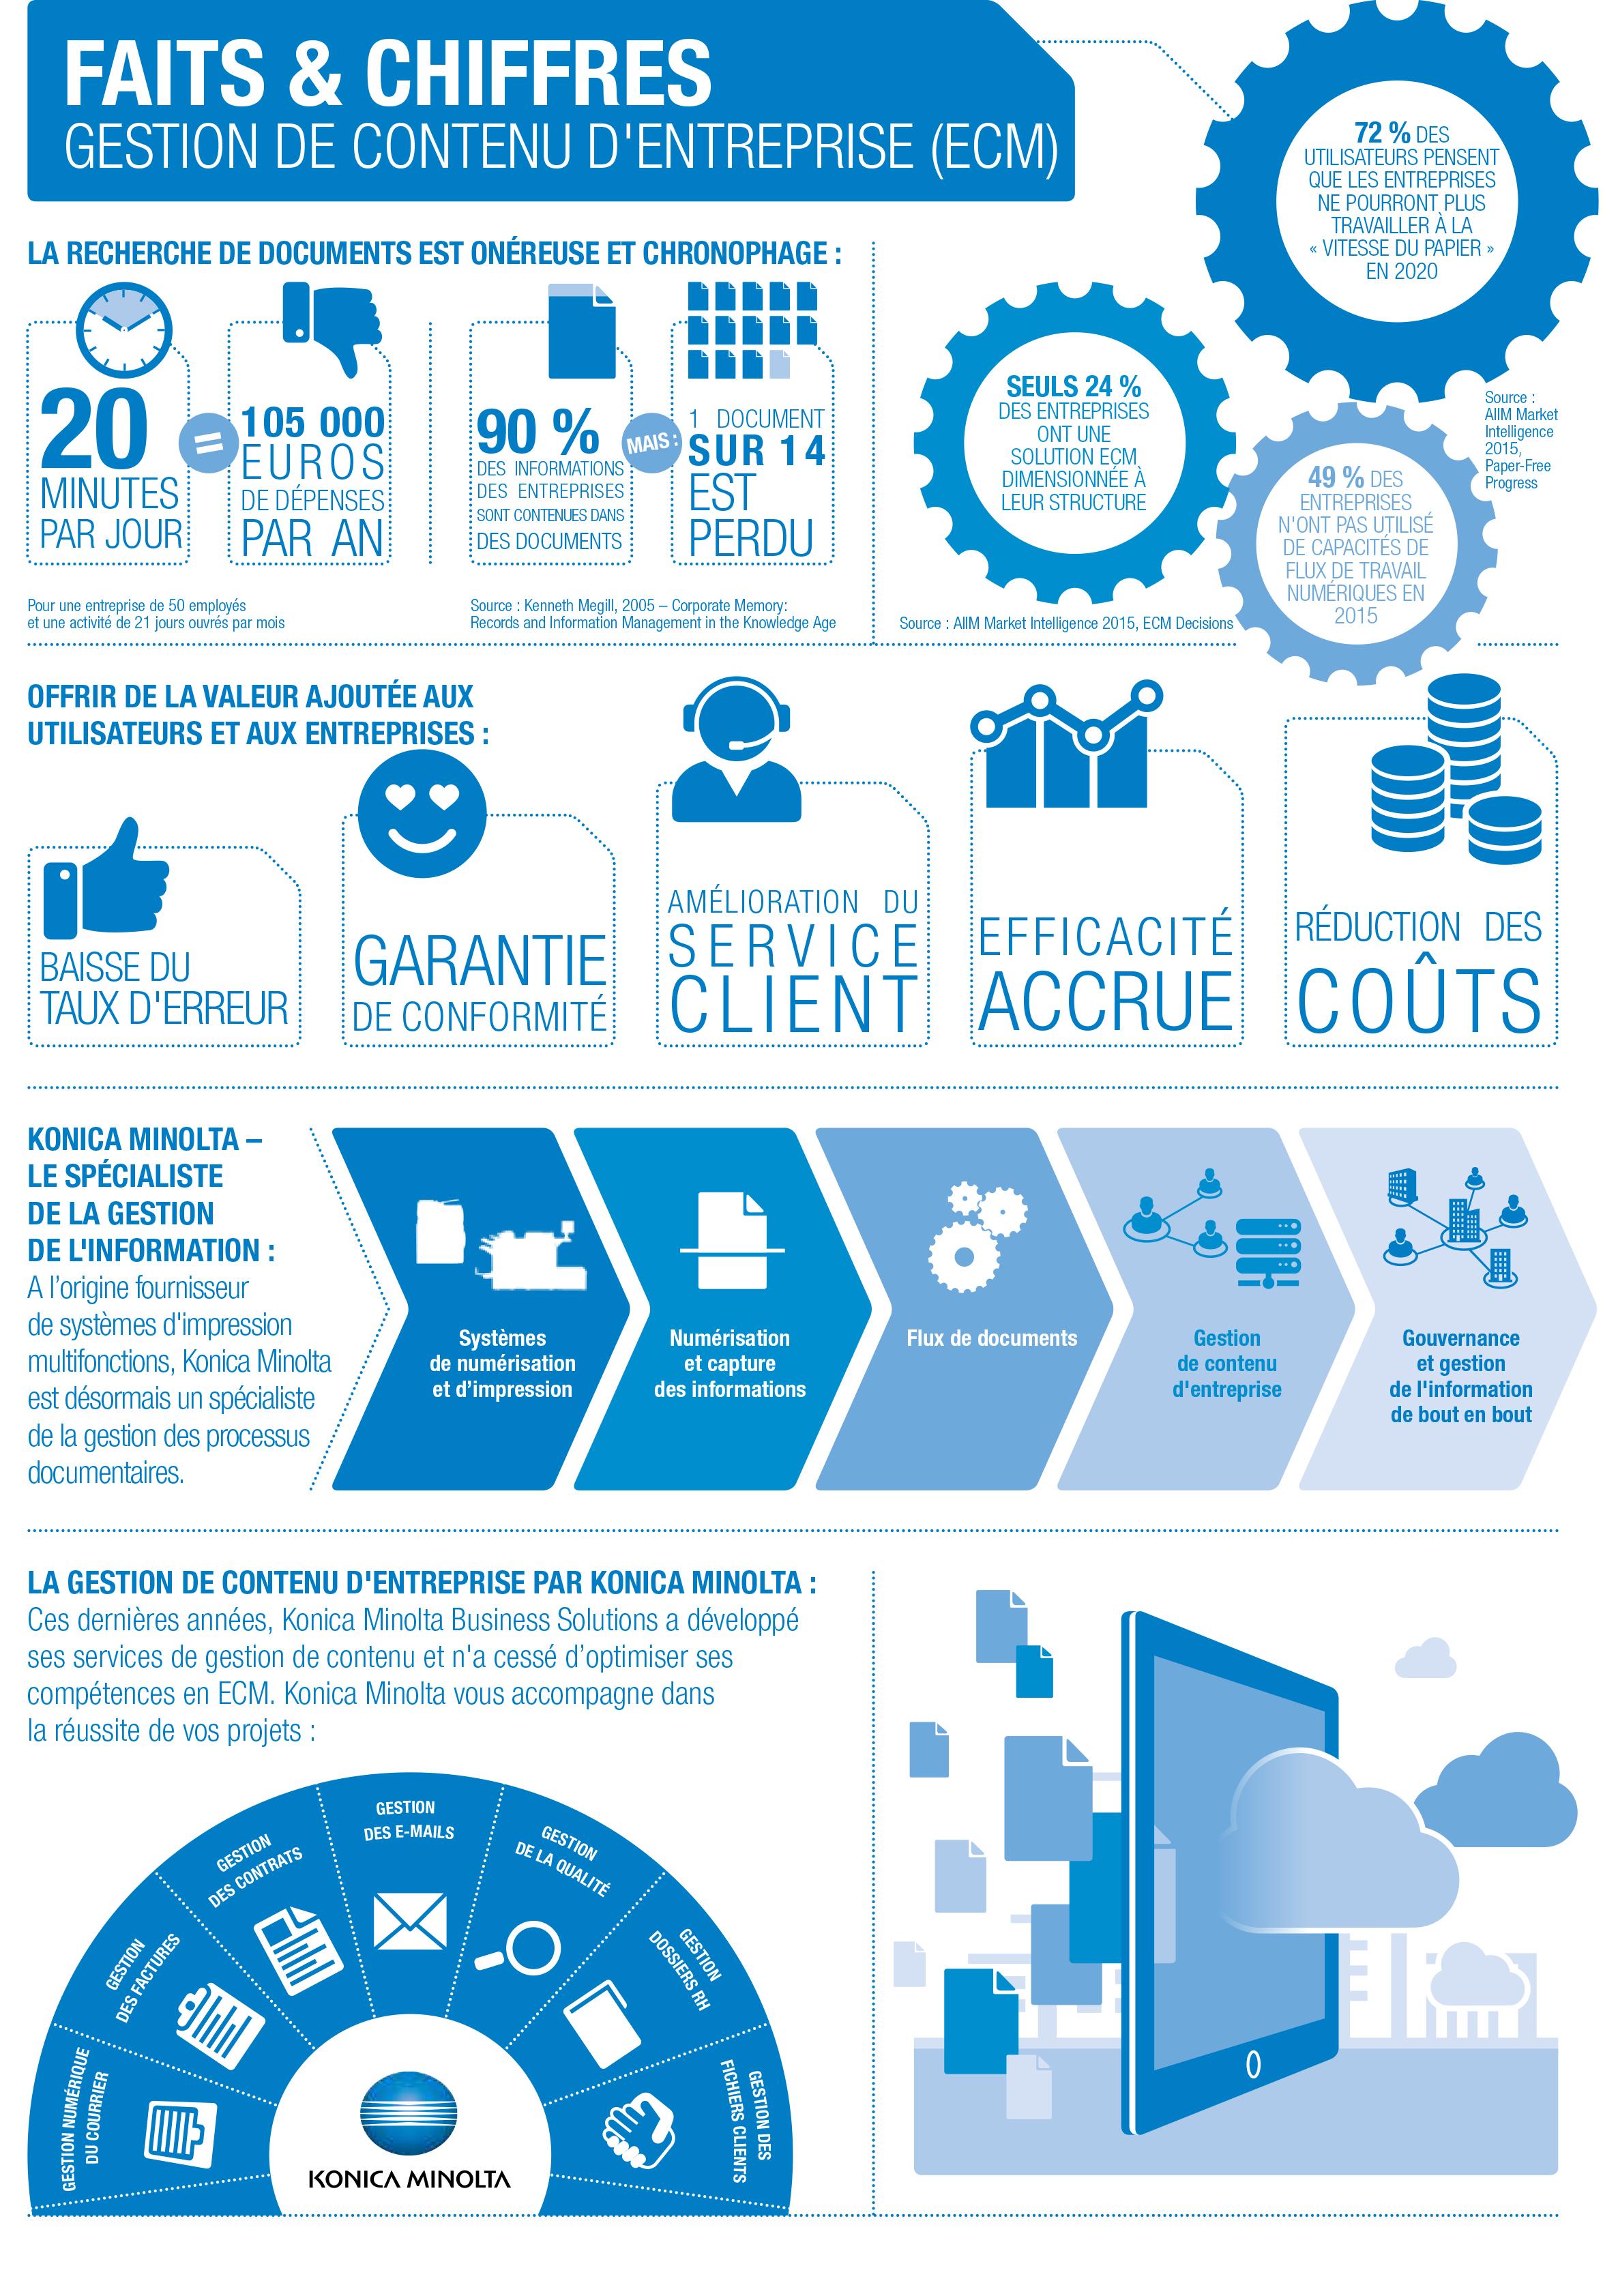 Infographie les chiffres clés de l'ECM